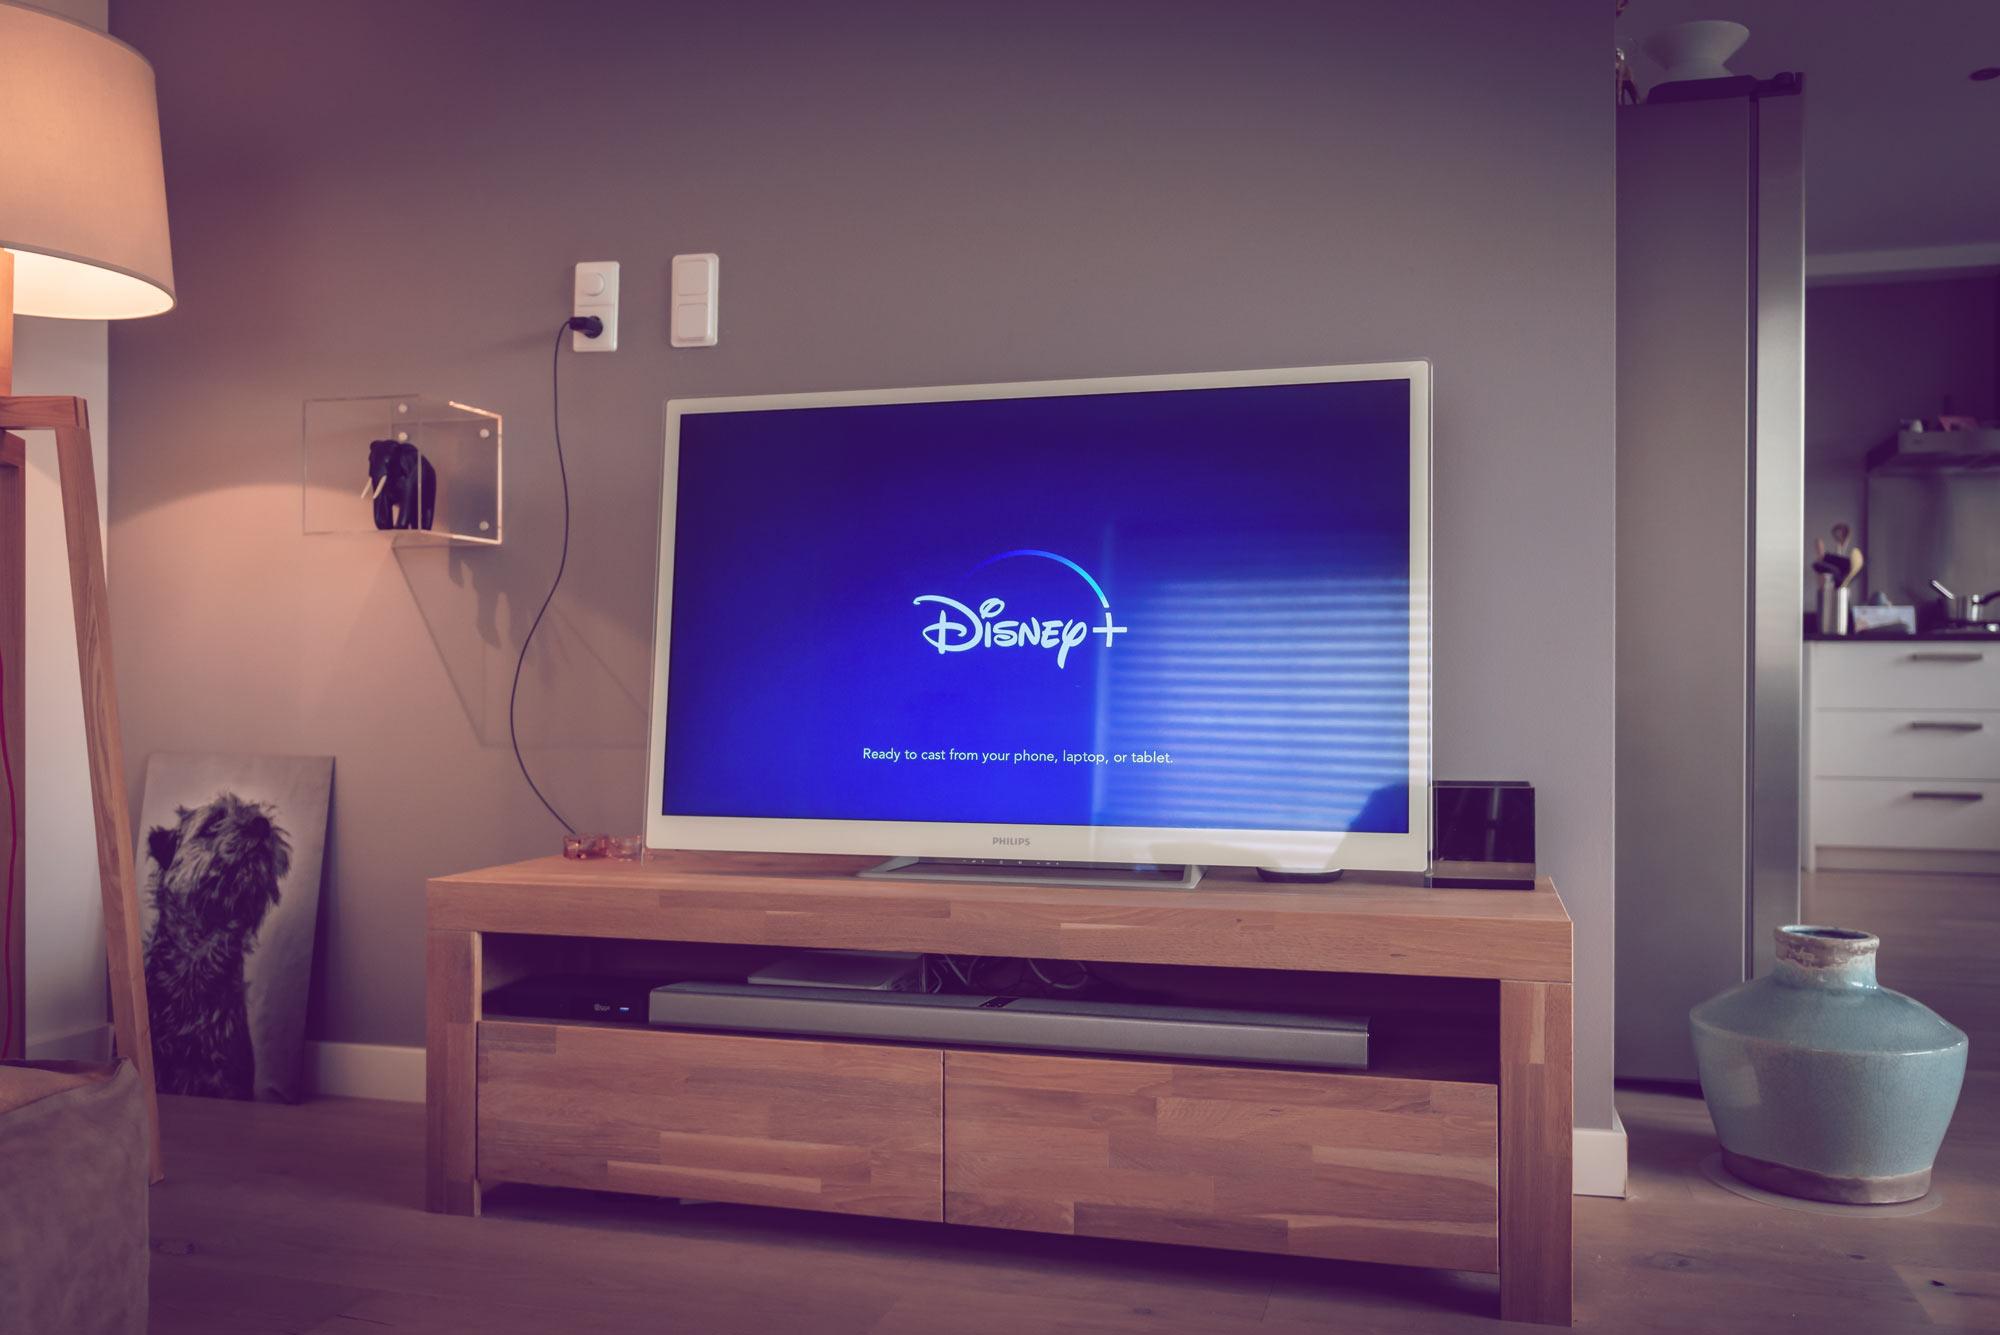 Neu auf Disney+: Auf diese Highlights freuen wir uns im April | desired.de